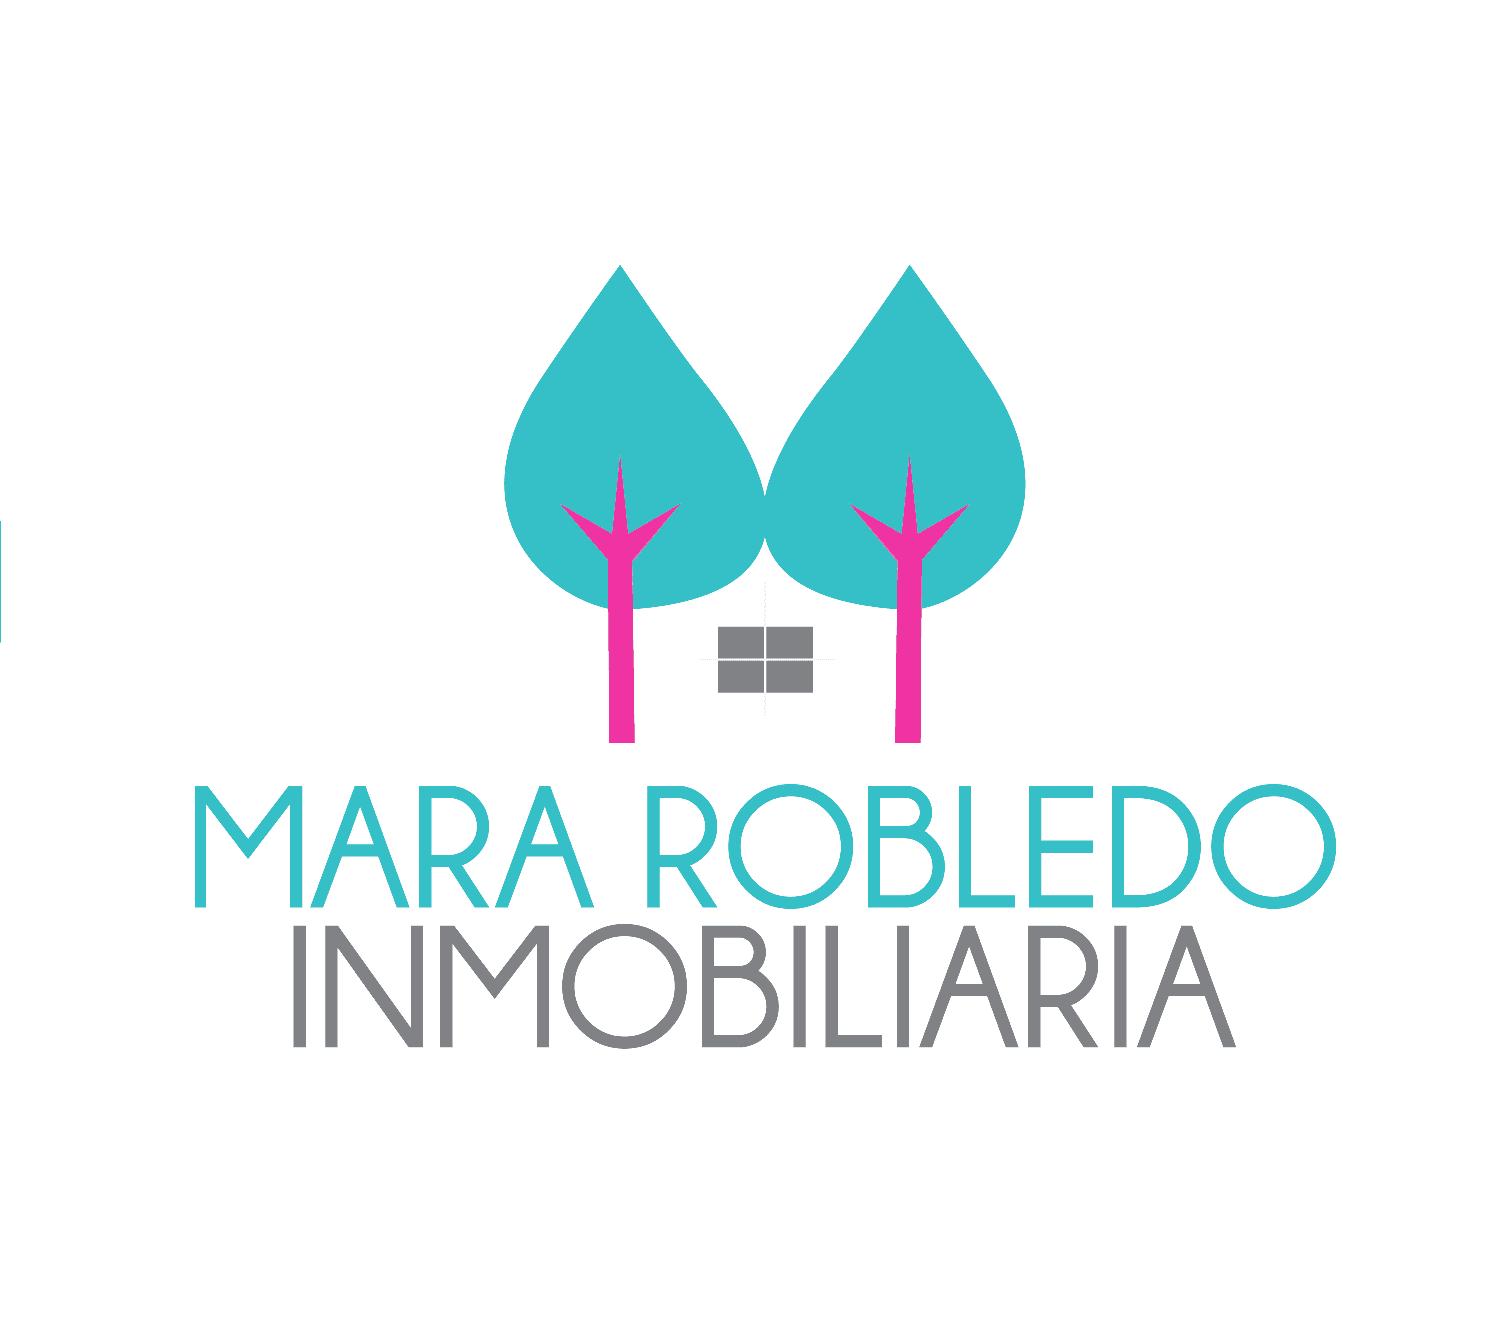 Logo de  Mararobledoinmobiliaria